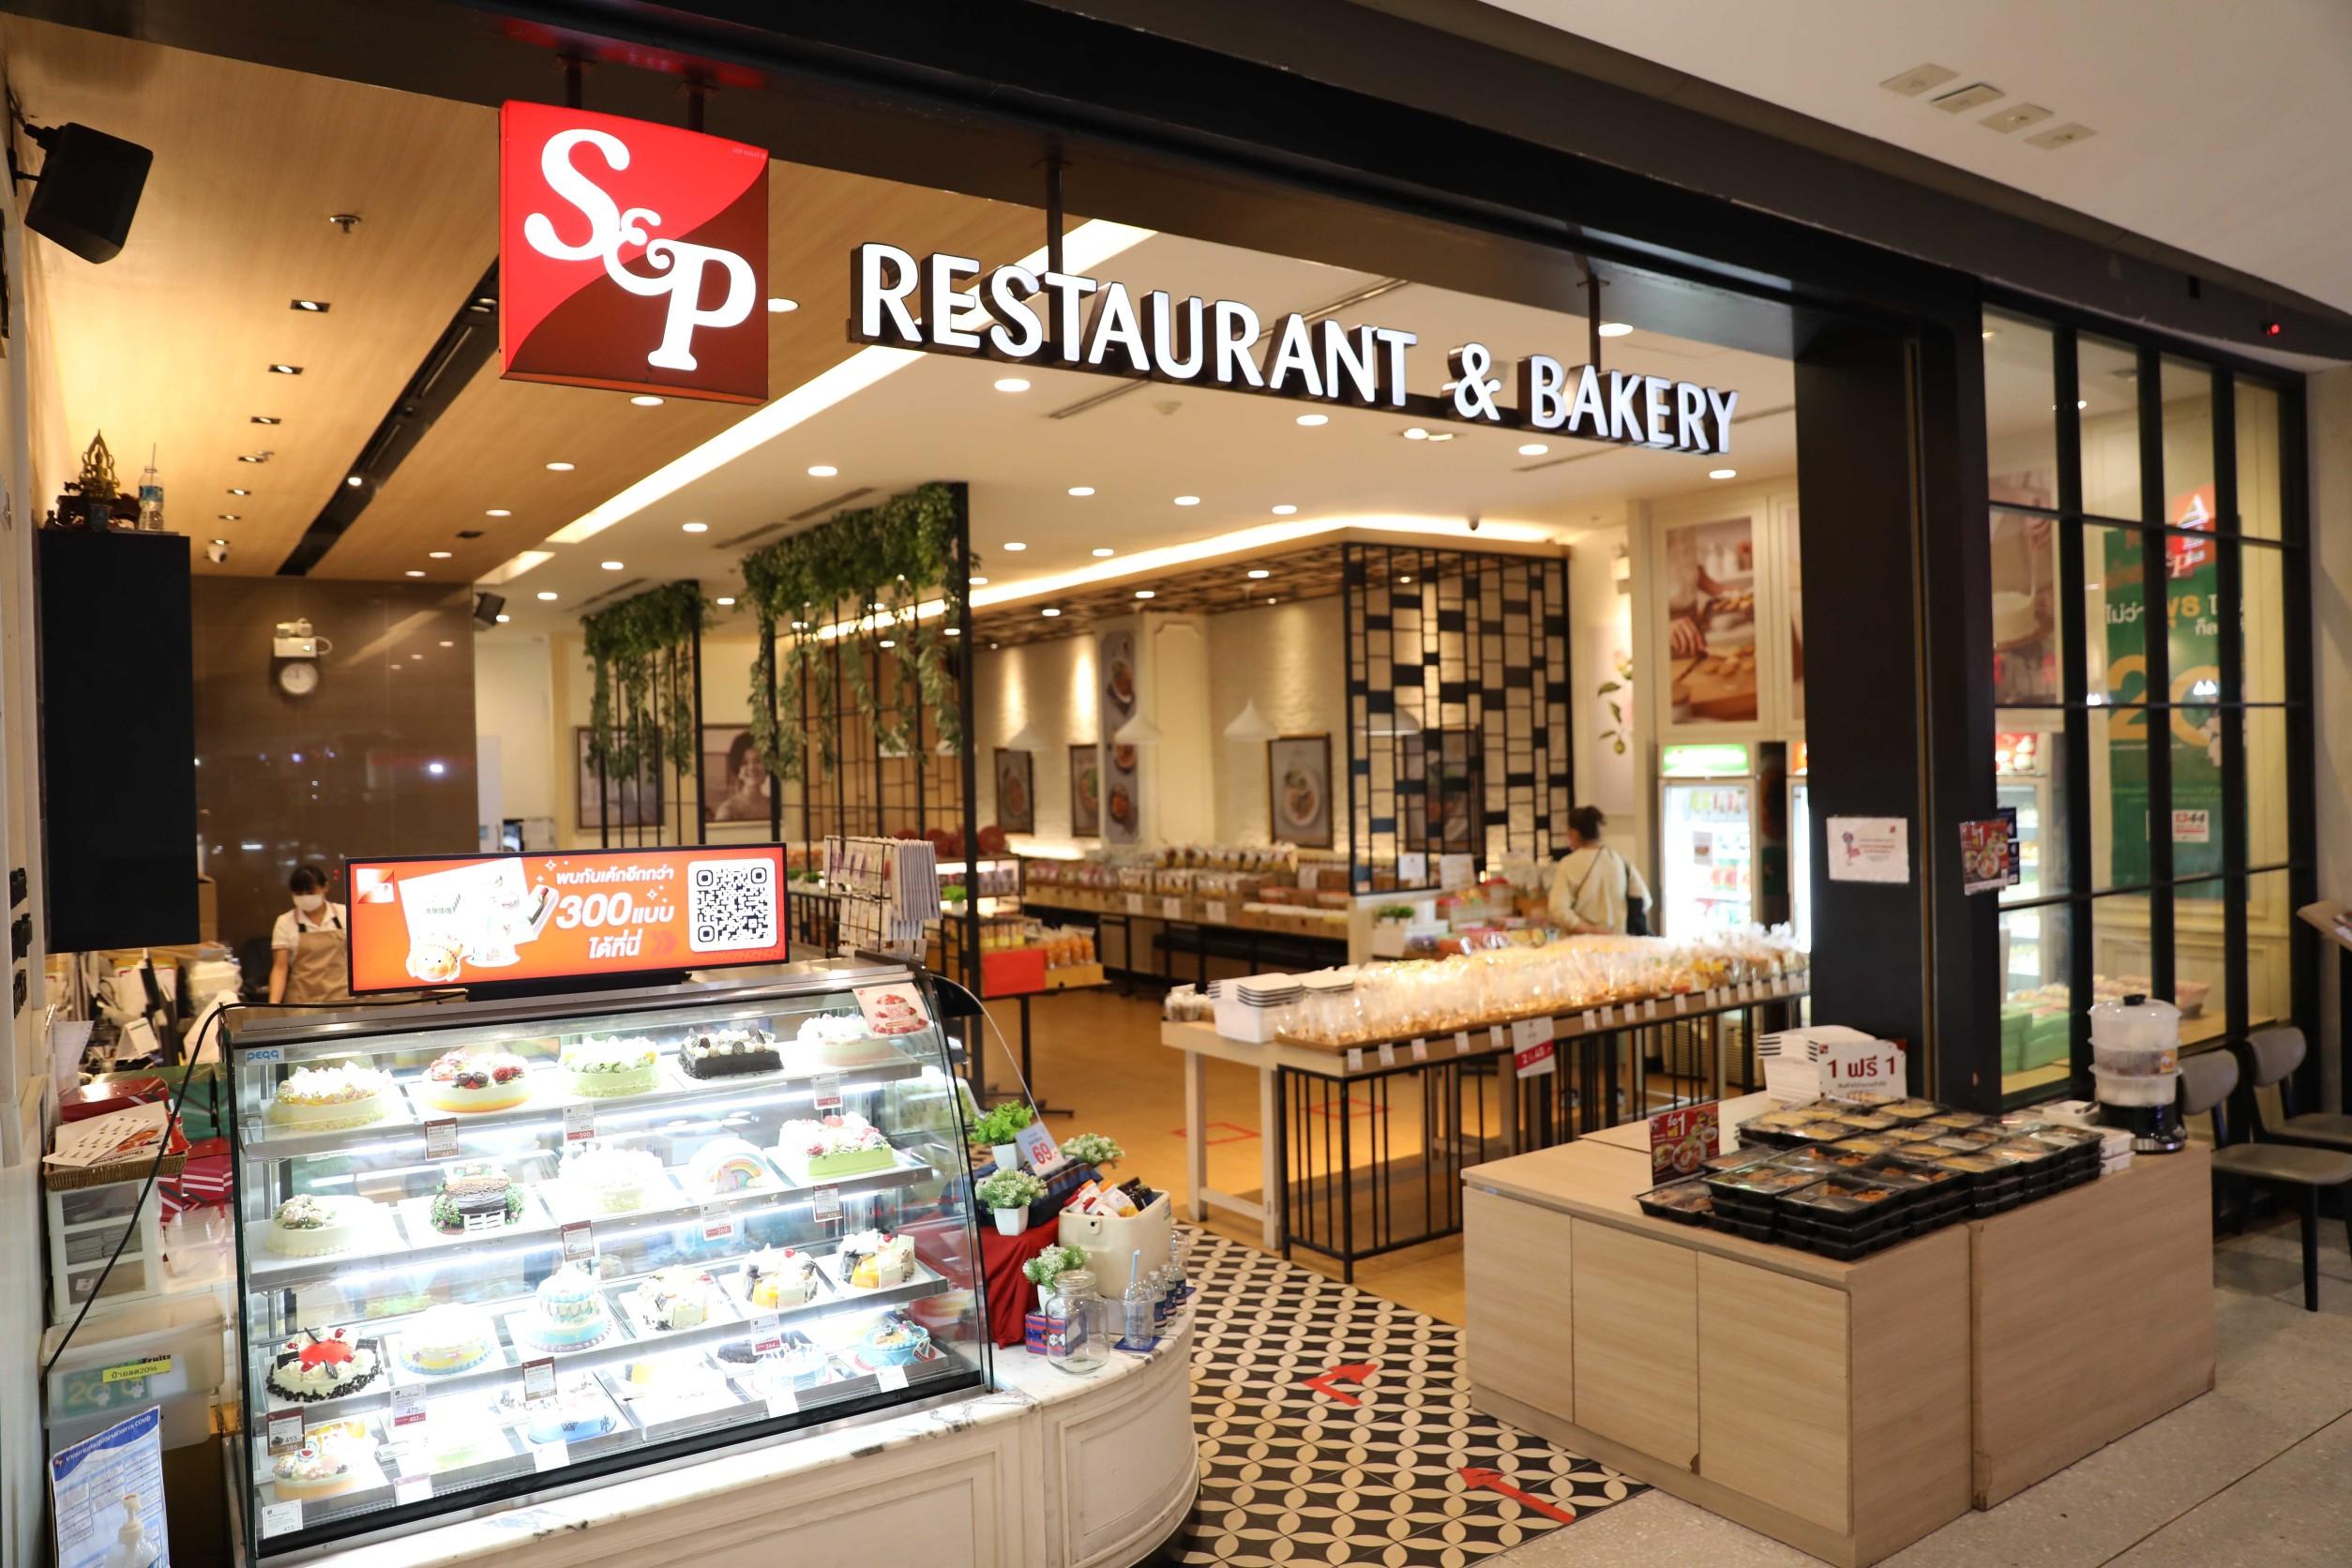 เอส แอนด์ พี' พลิกวิกฤตเป็นโอกาส ผุด 'ตลาดนัด เอส แอนด์ พี' กระตุ้นยอดขายช่วงปิดให้บริการนั่งรับประทานอาหารในร้าน